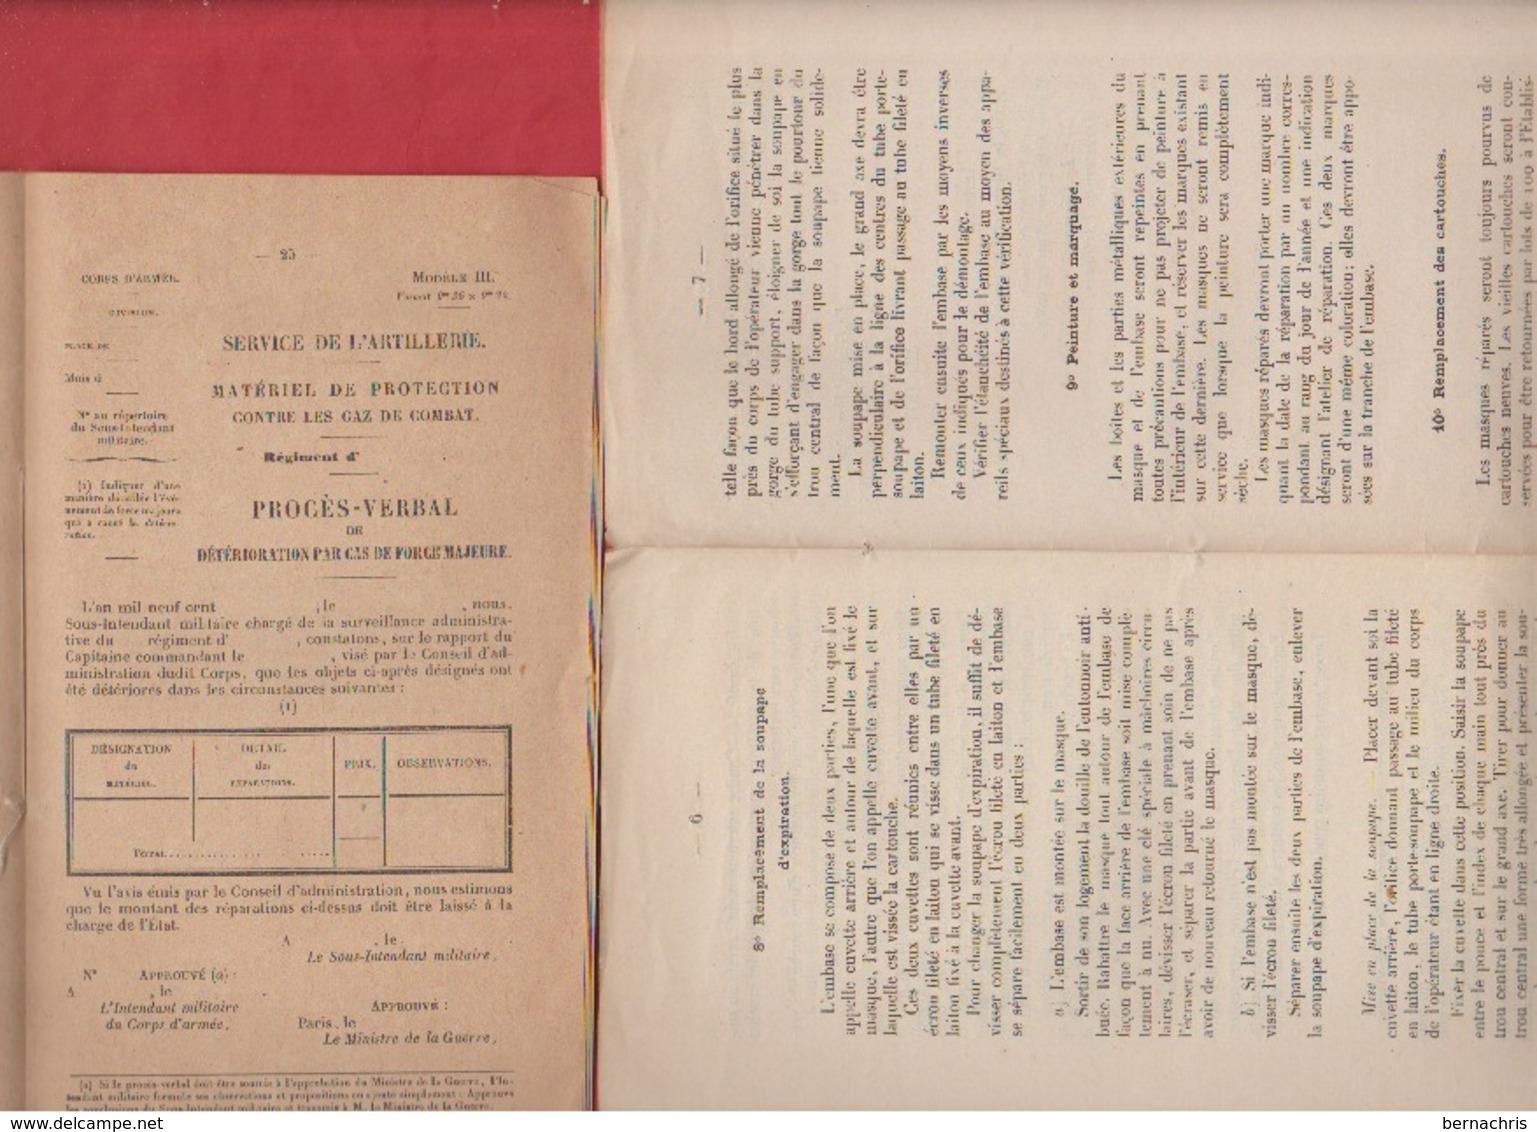 Lot De 2 Fascicules D'artillerie Sur Les Appareils De Protection Contre Les Gaz De Combat 1919 Et 1920 - Libri, Riviste & Cataloghi